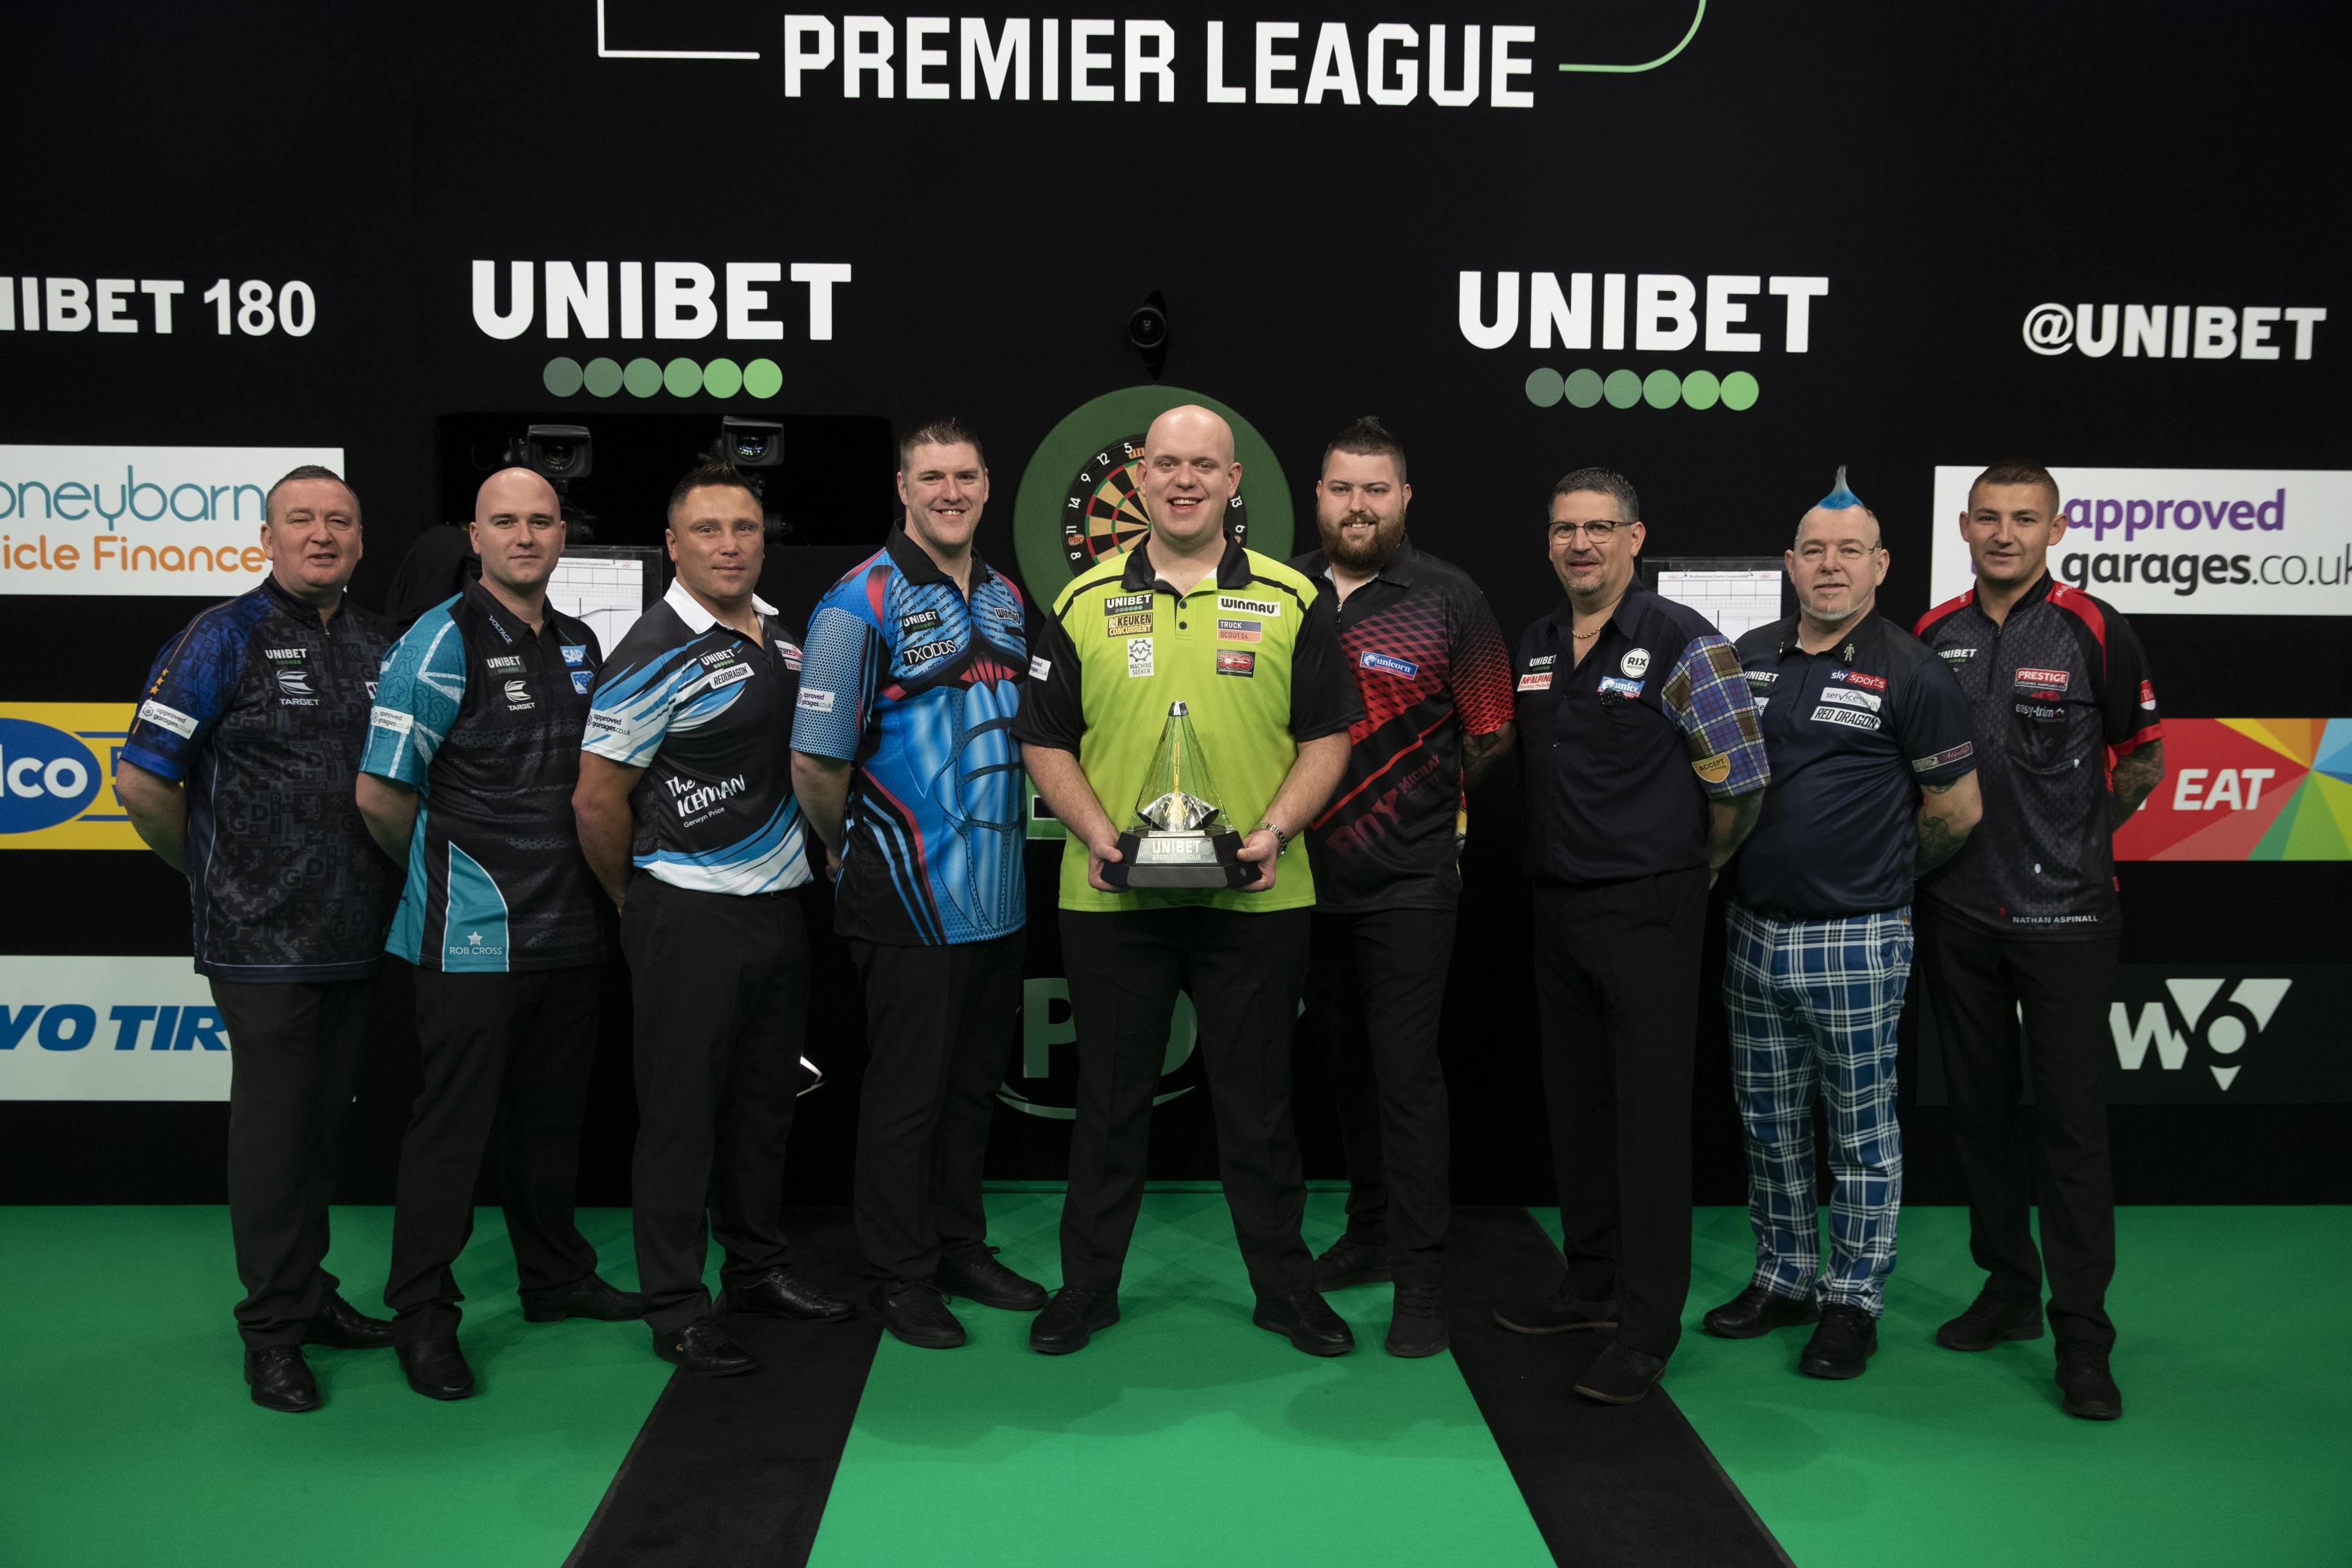 Premiere League Darts 2021